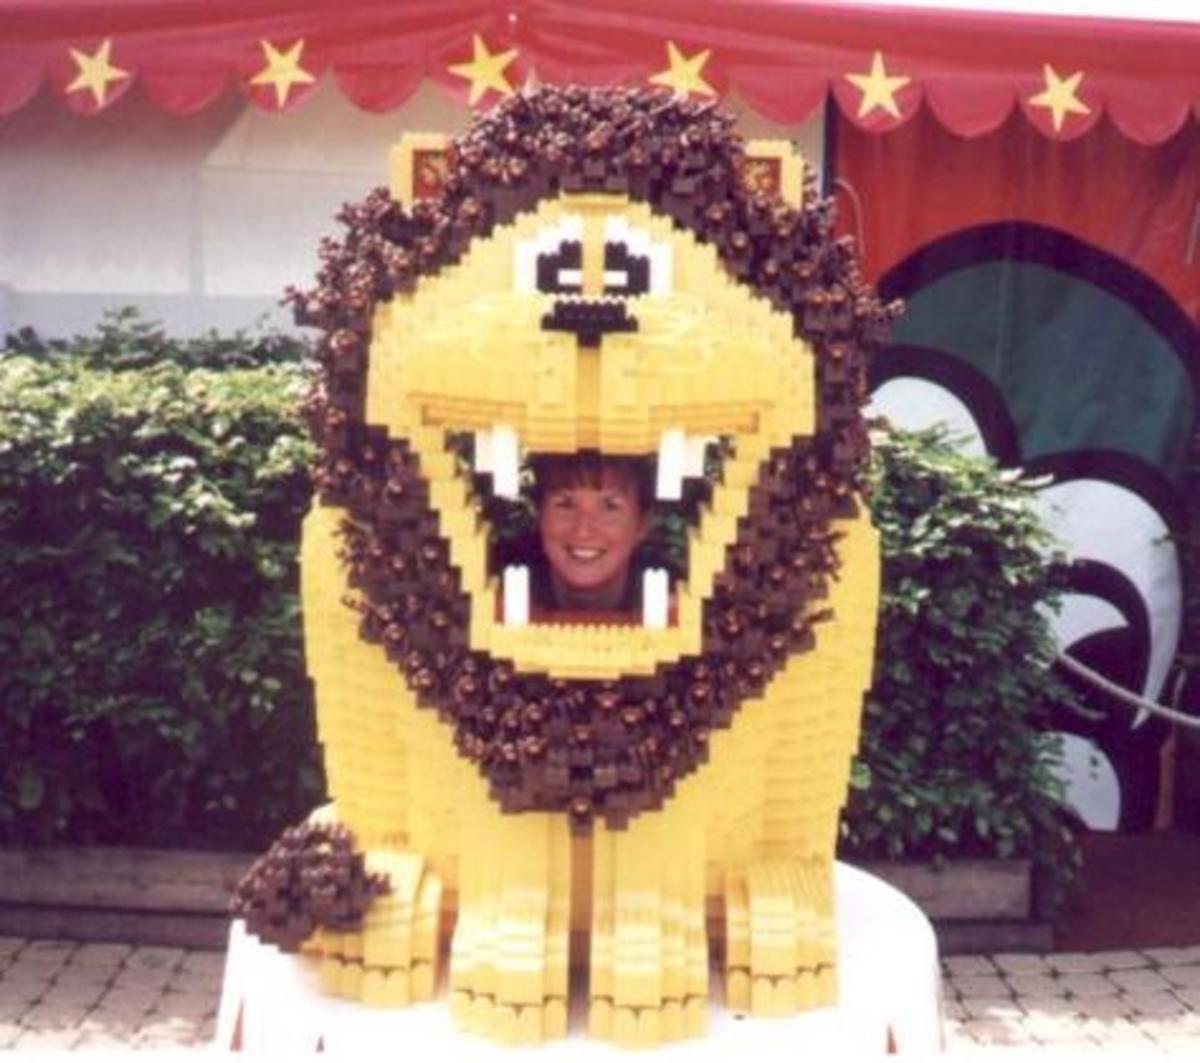 A lego lion:)